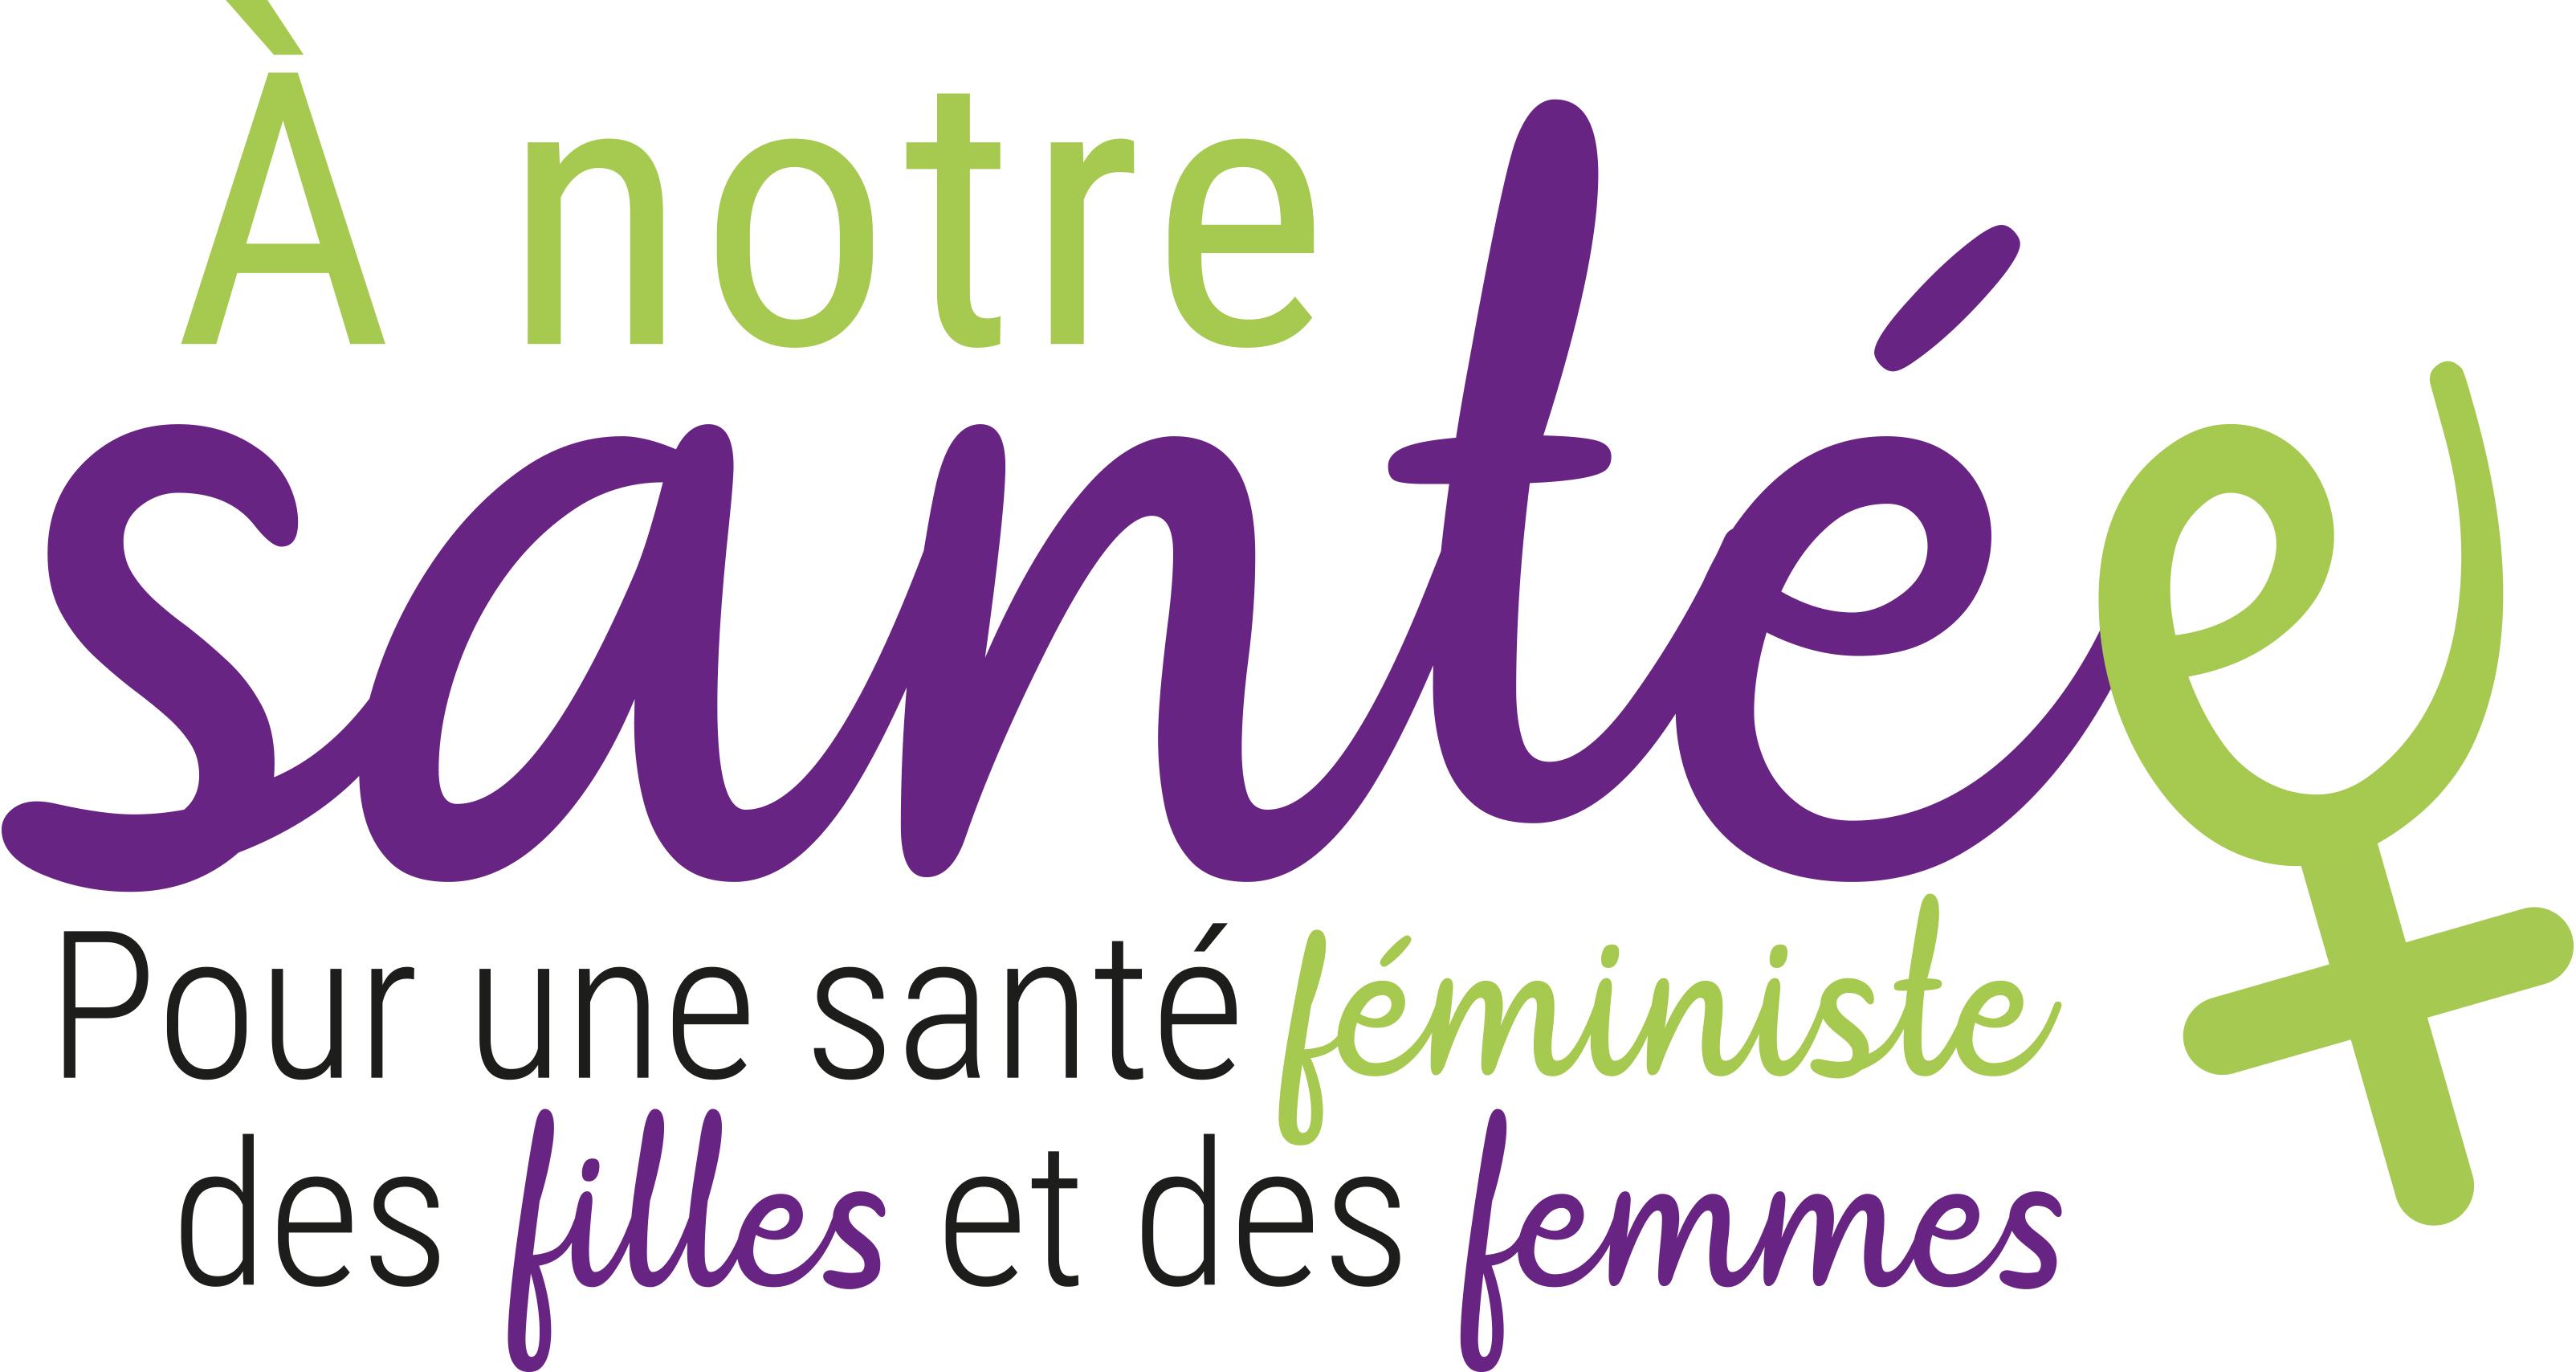 #ANotreSantée : une campagne d'Osez le féminisme ! sur la santé des filles et des femmes